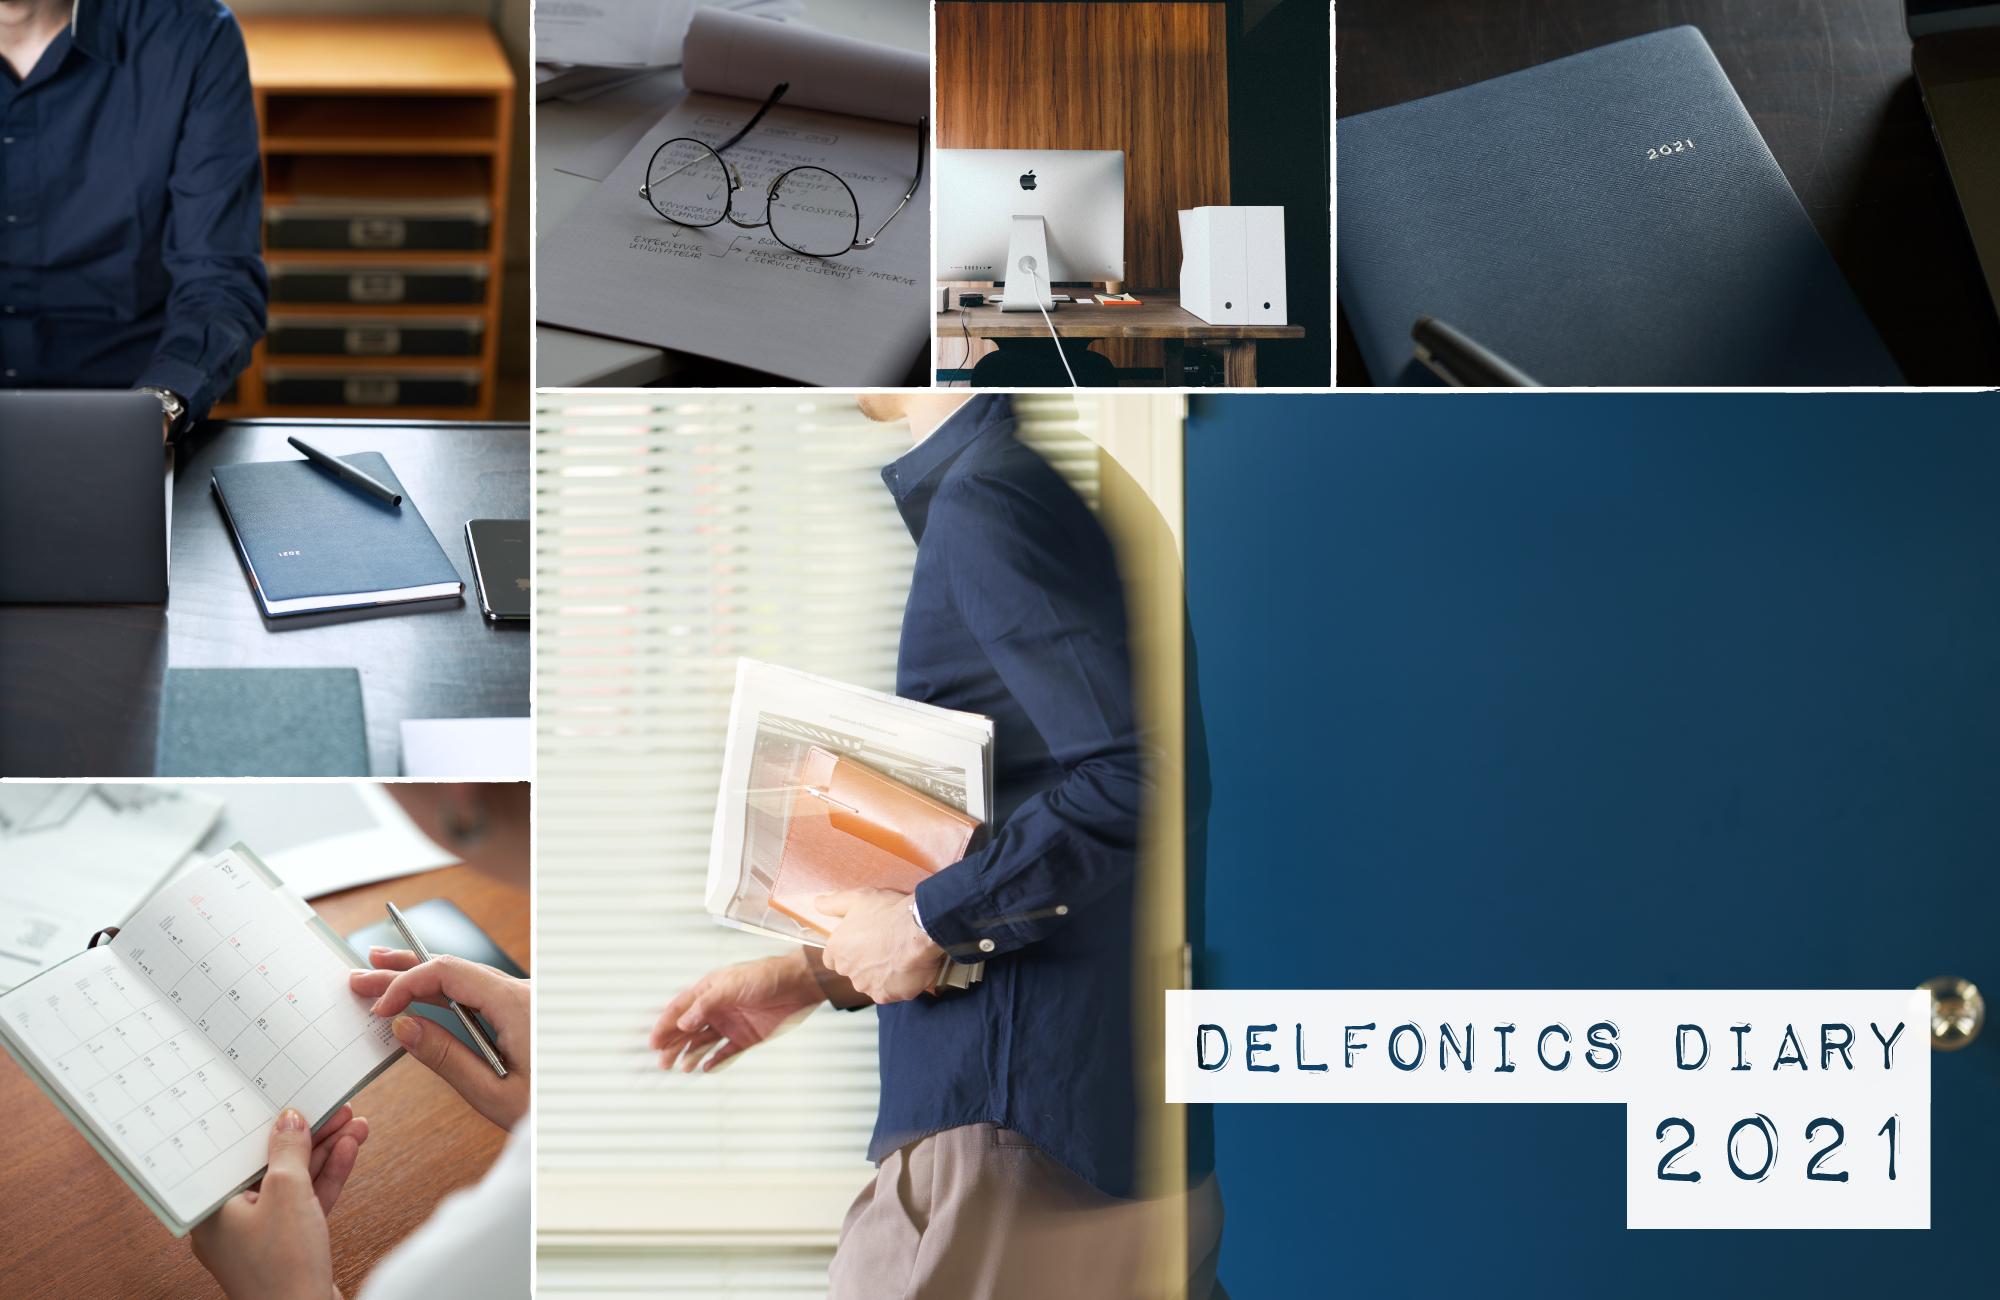 DELFONICS DIARY